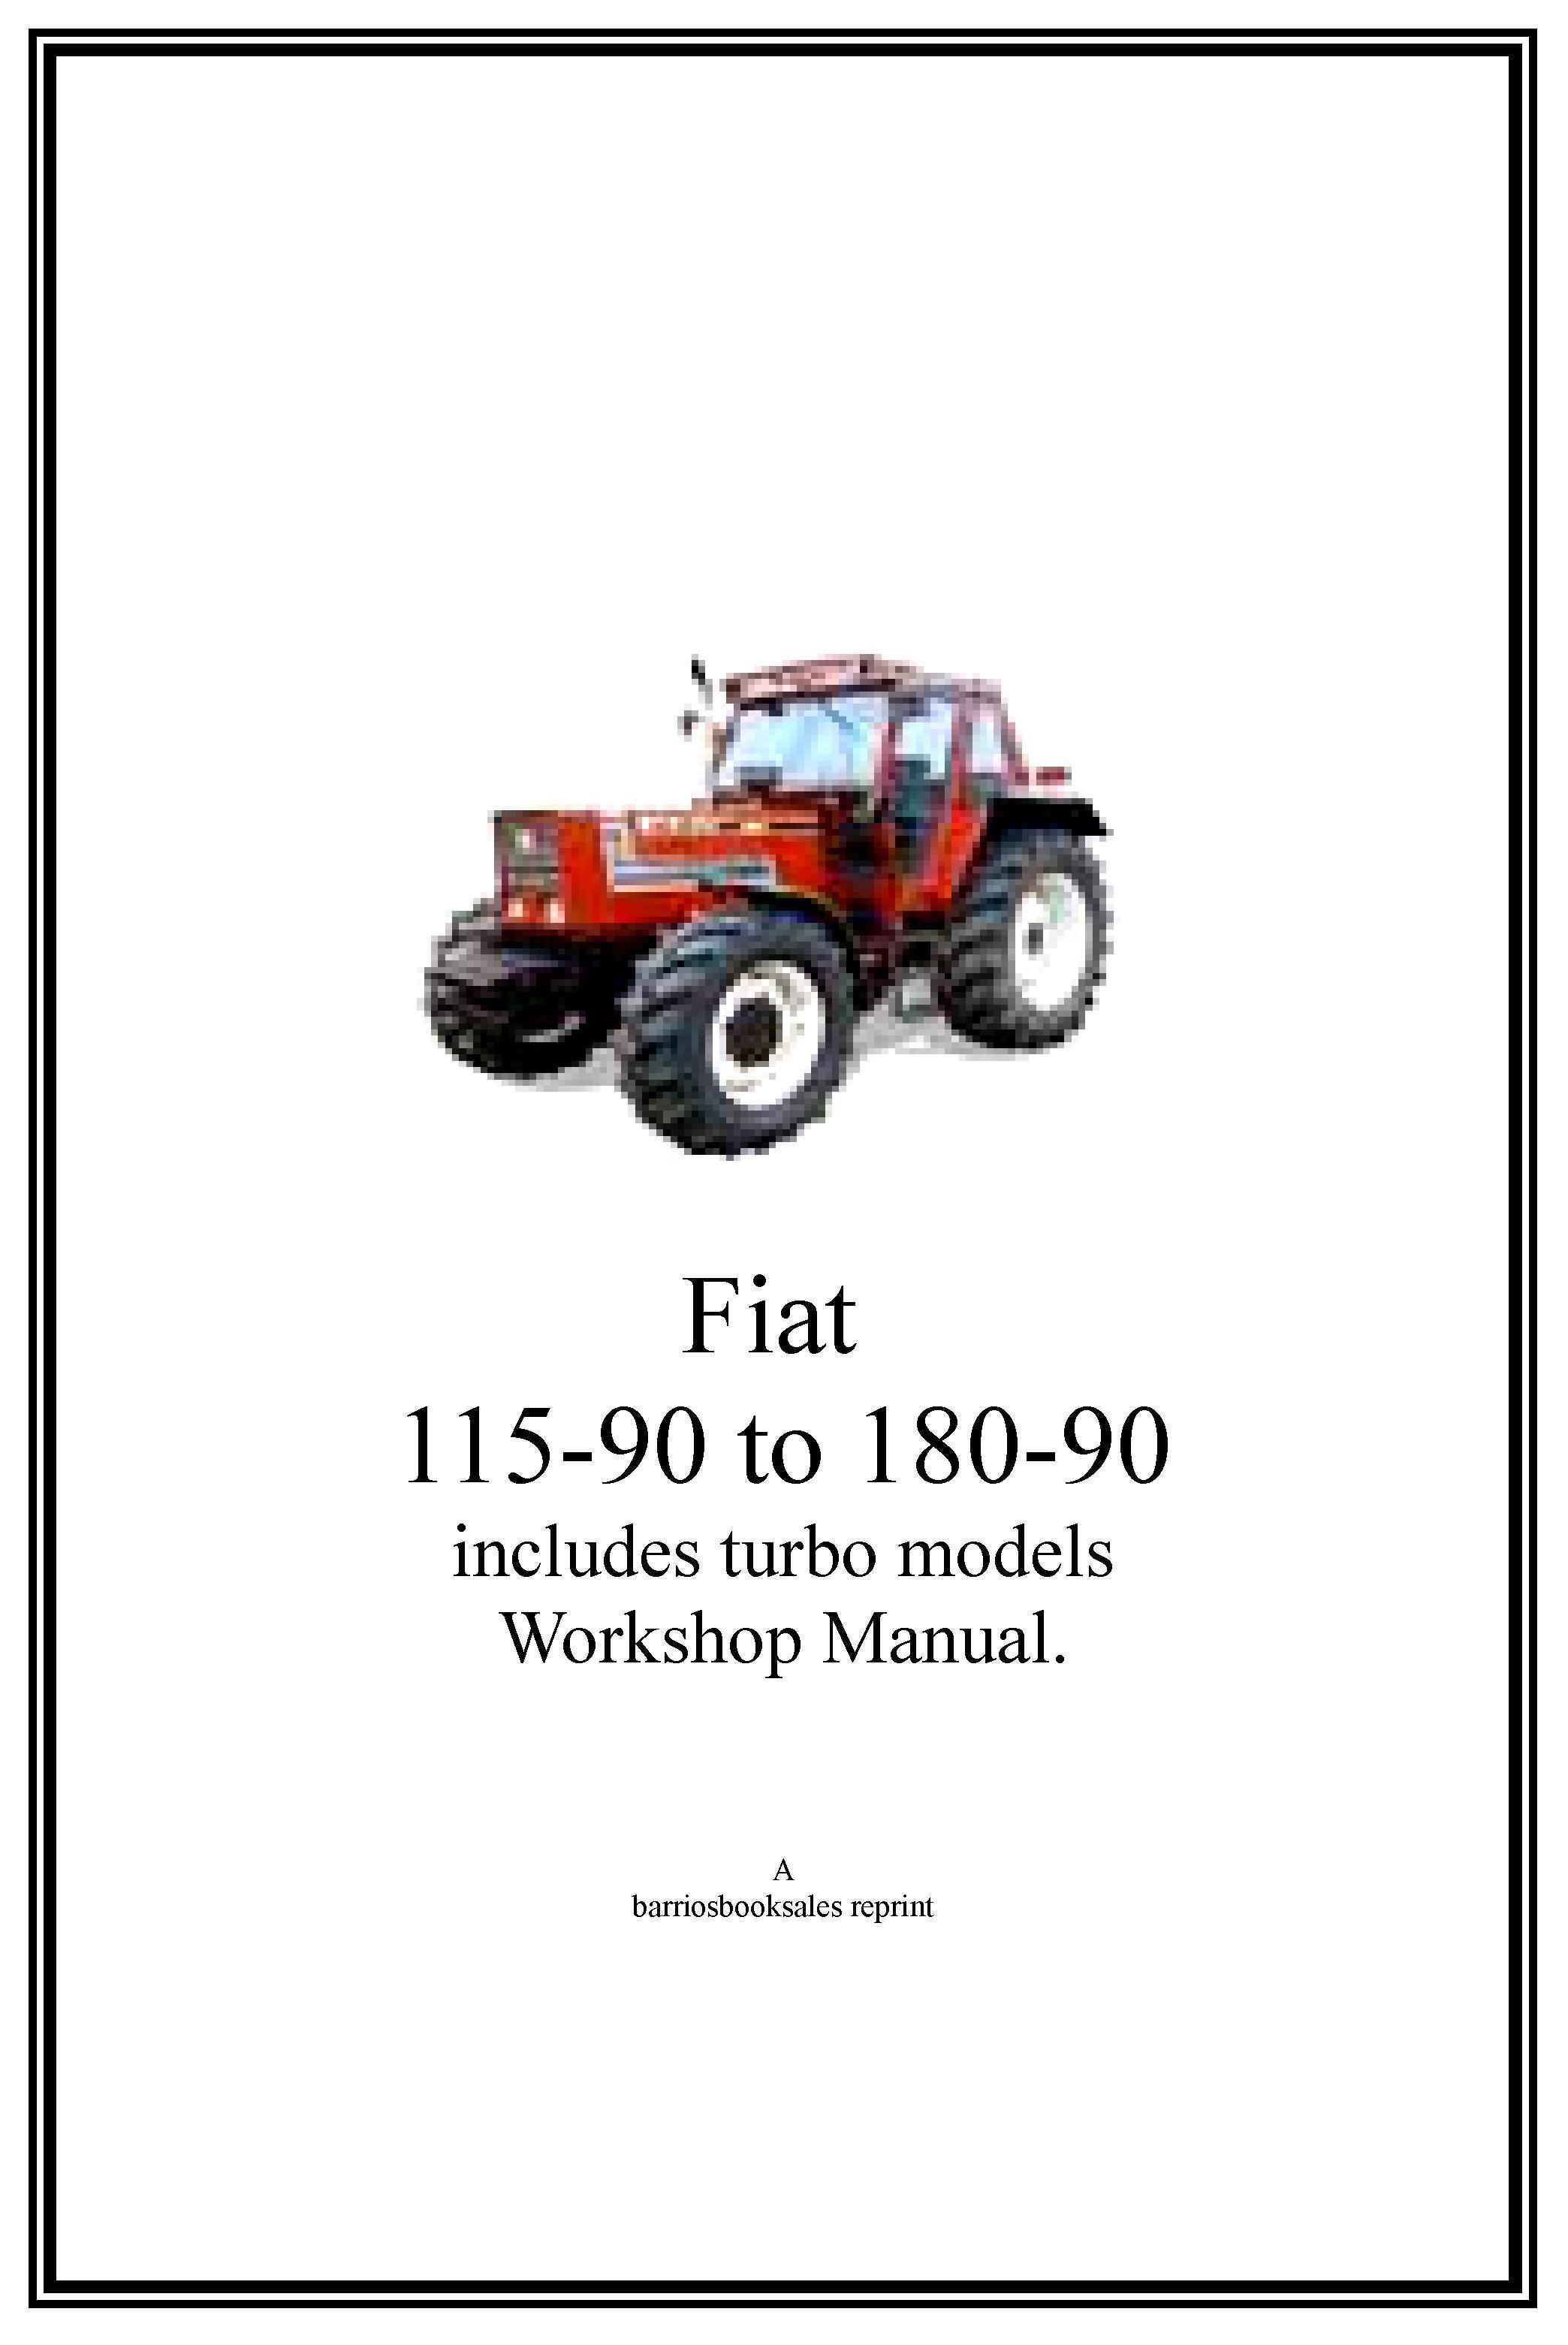 Fiat tractors manuals to download